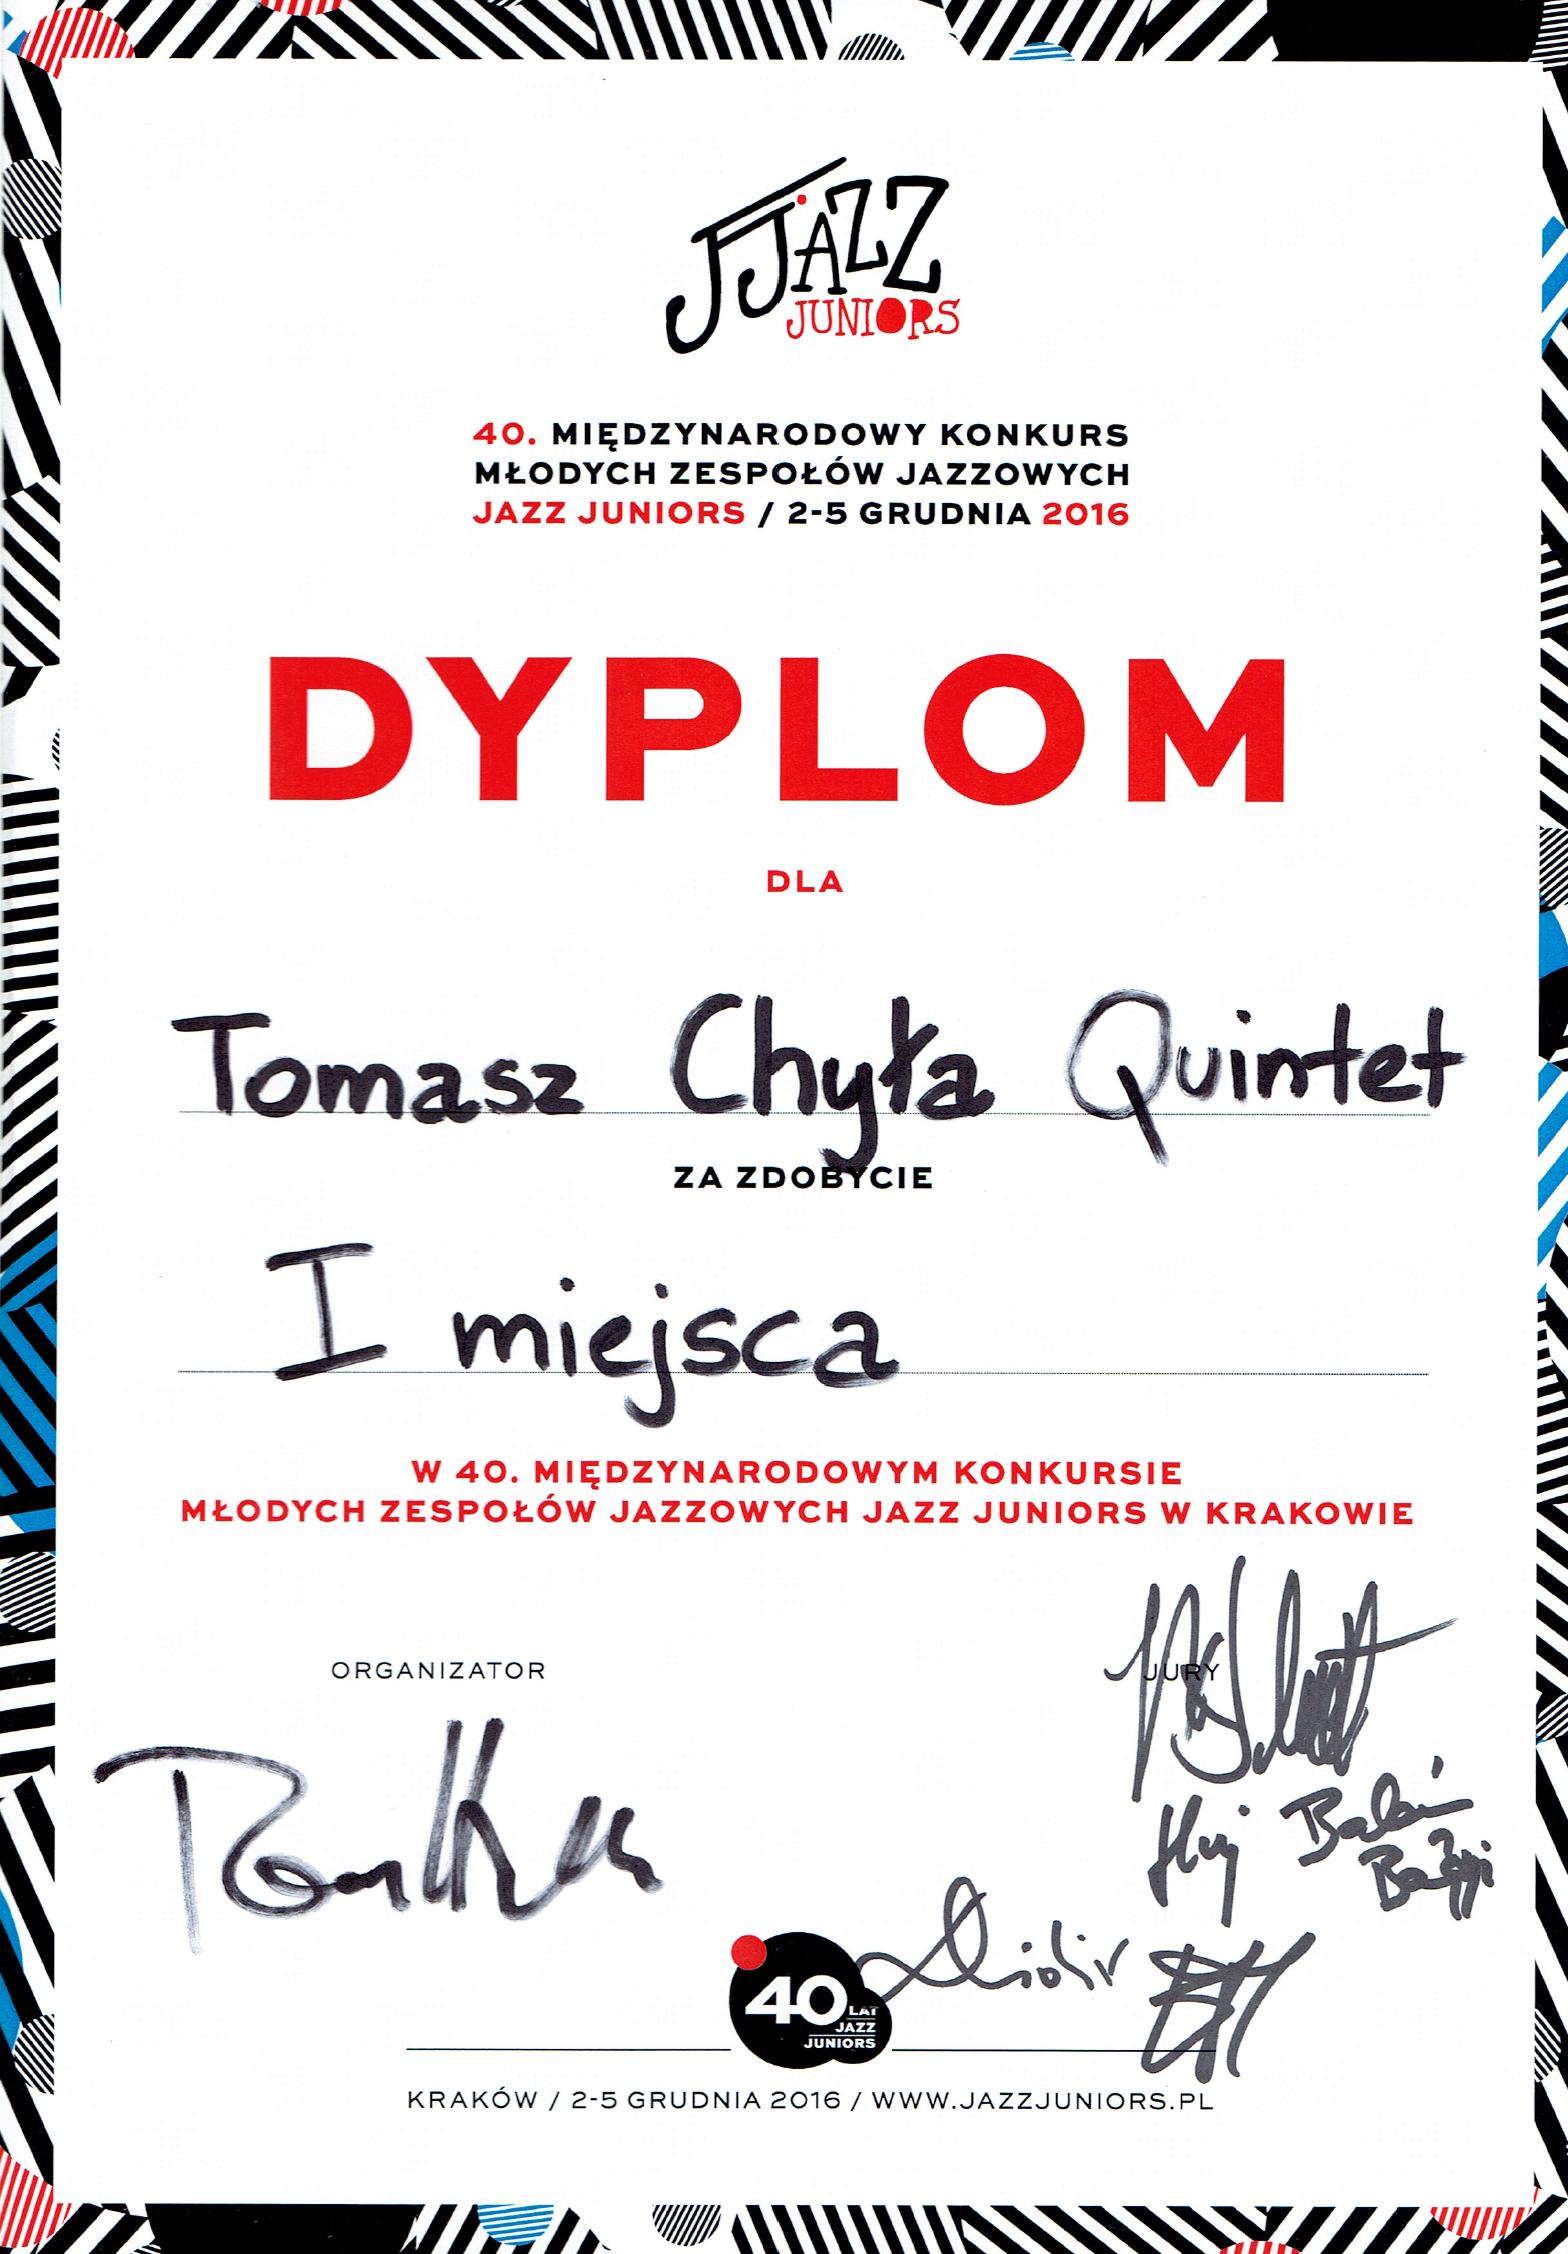 tomasz_chyla_quintet_imsce_krakow_2016